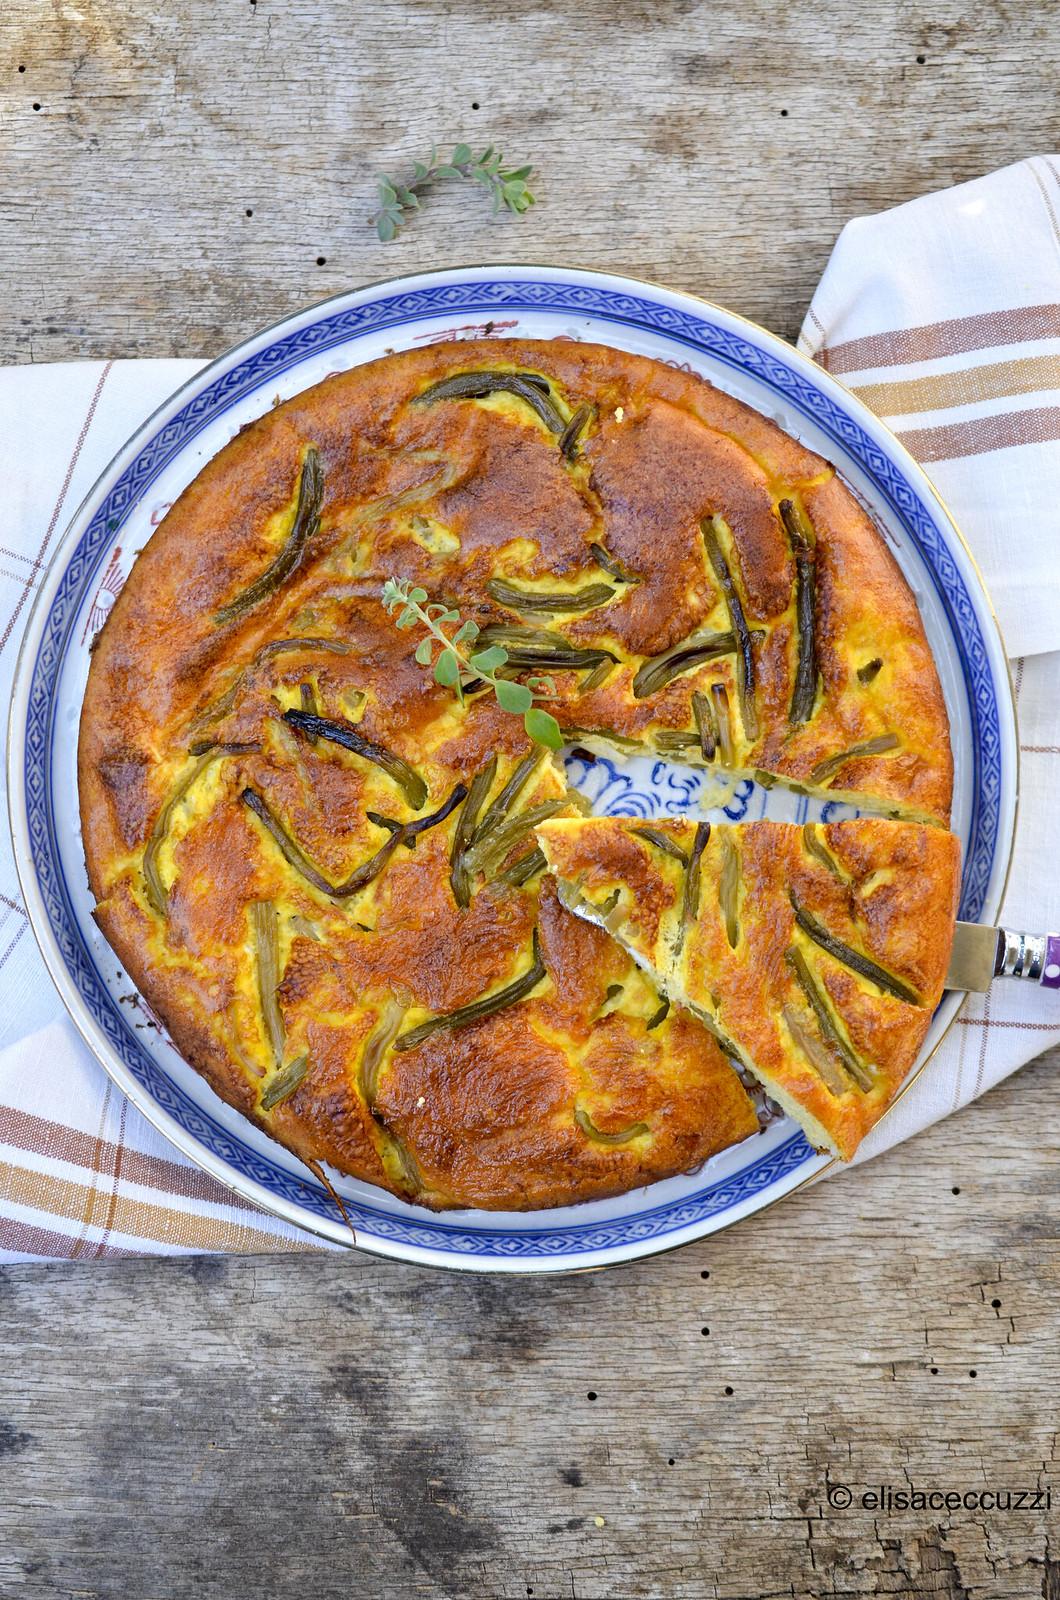 elisa ceccuzzi - Frittata con le zolle d'aglio_ (23) copia